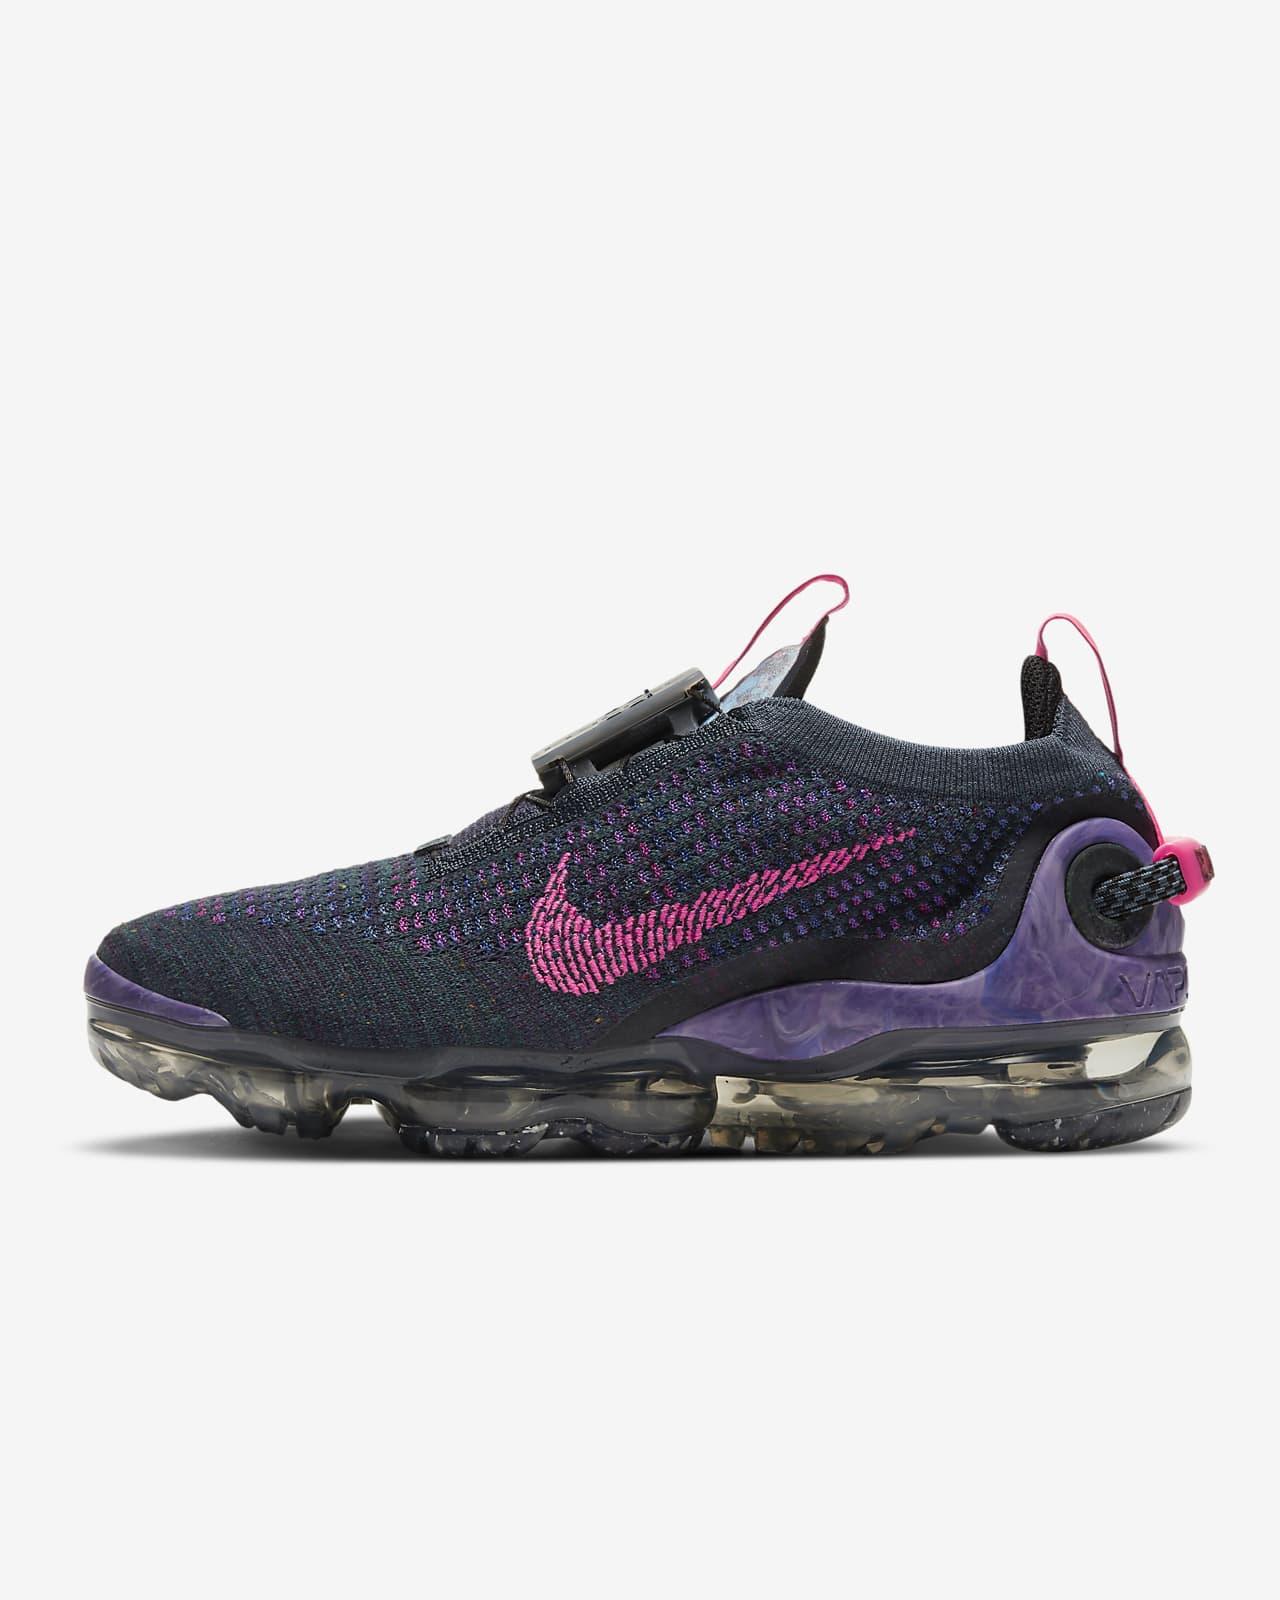 Nike Air VaporMax 2020 Flyknit Women's Shoe